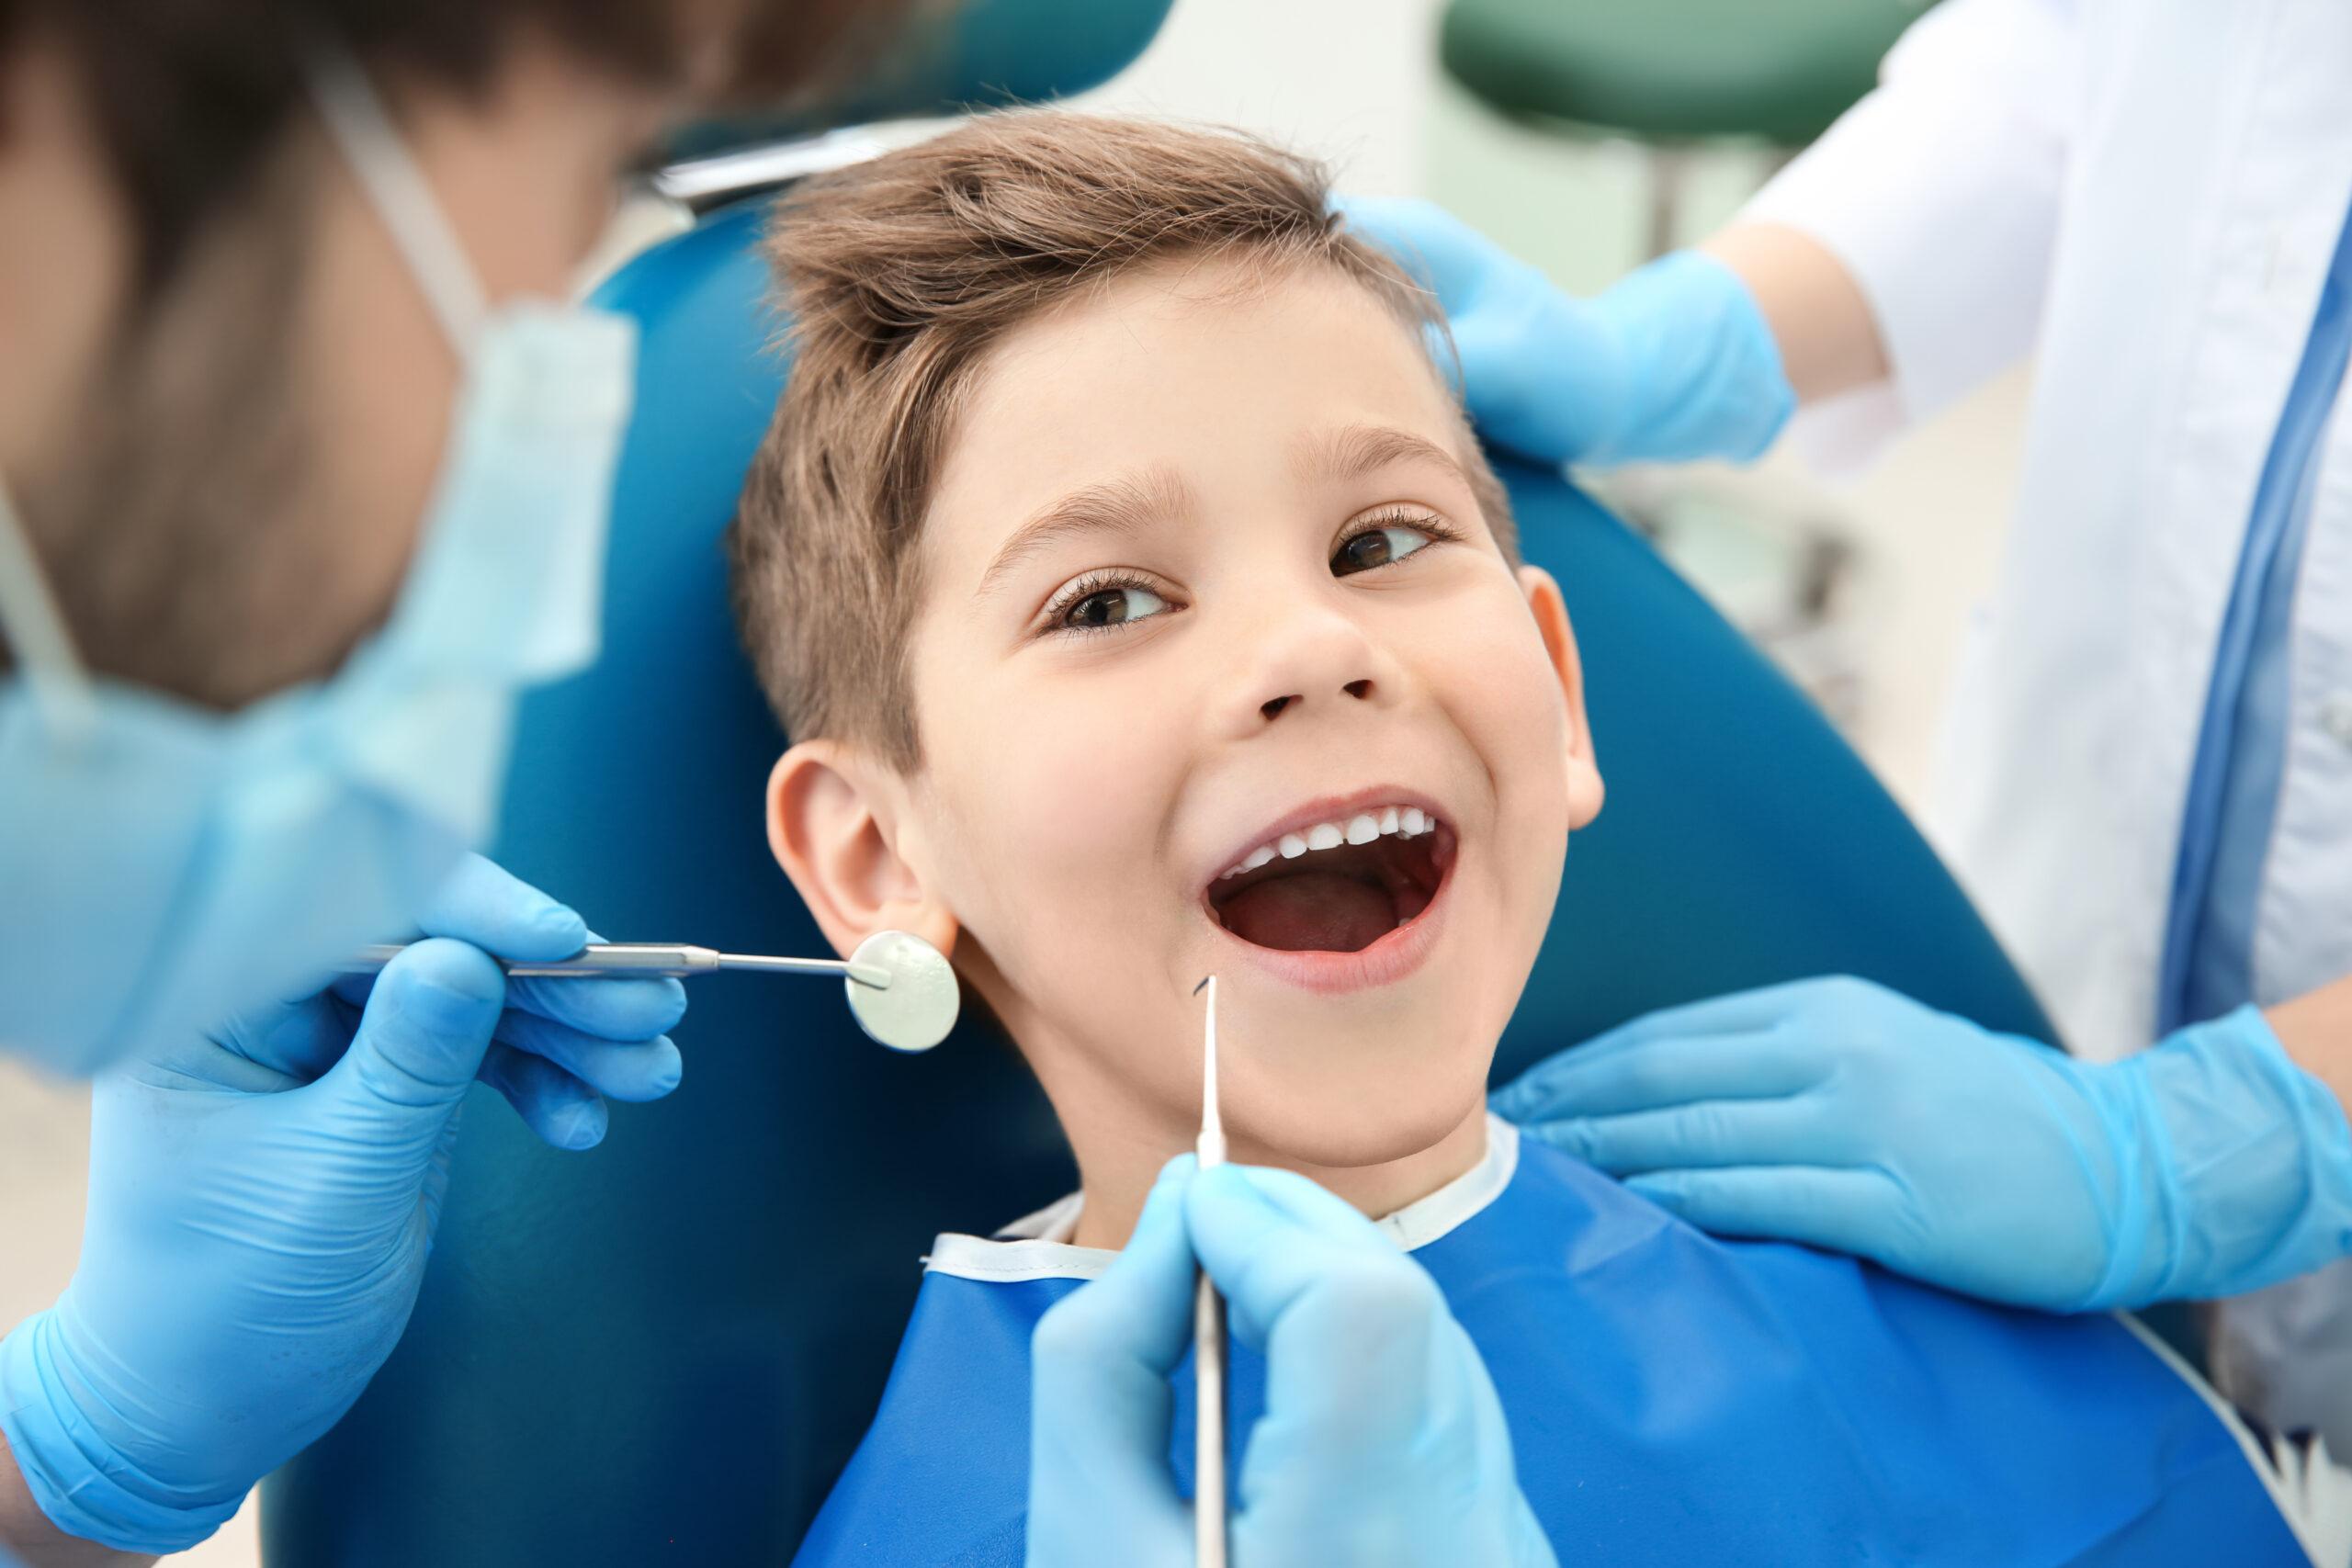 Comment organiser la première visite de votre enfant chez le dentiste ?